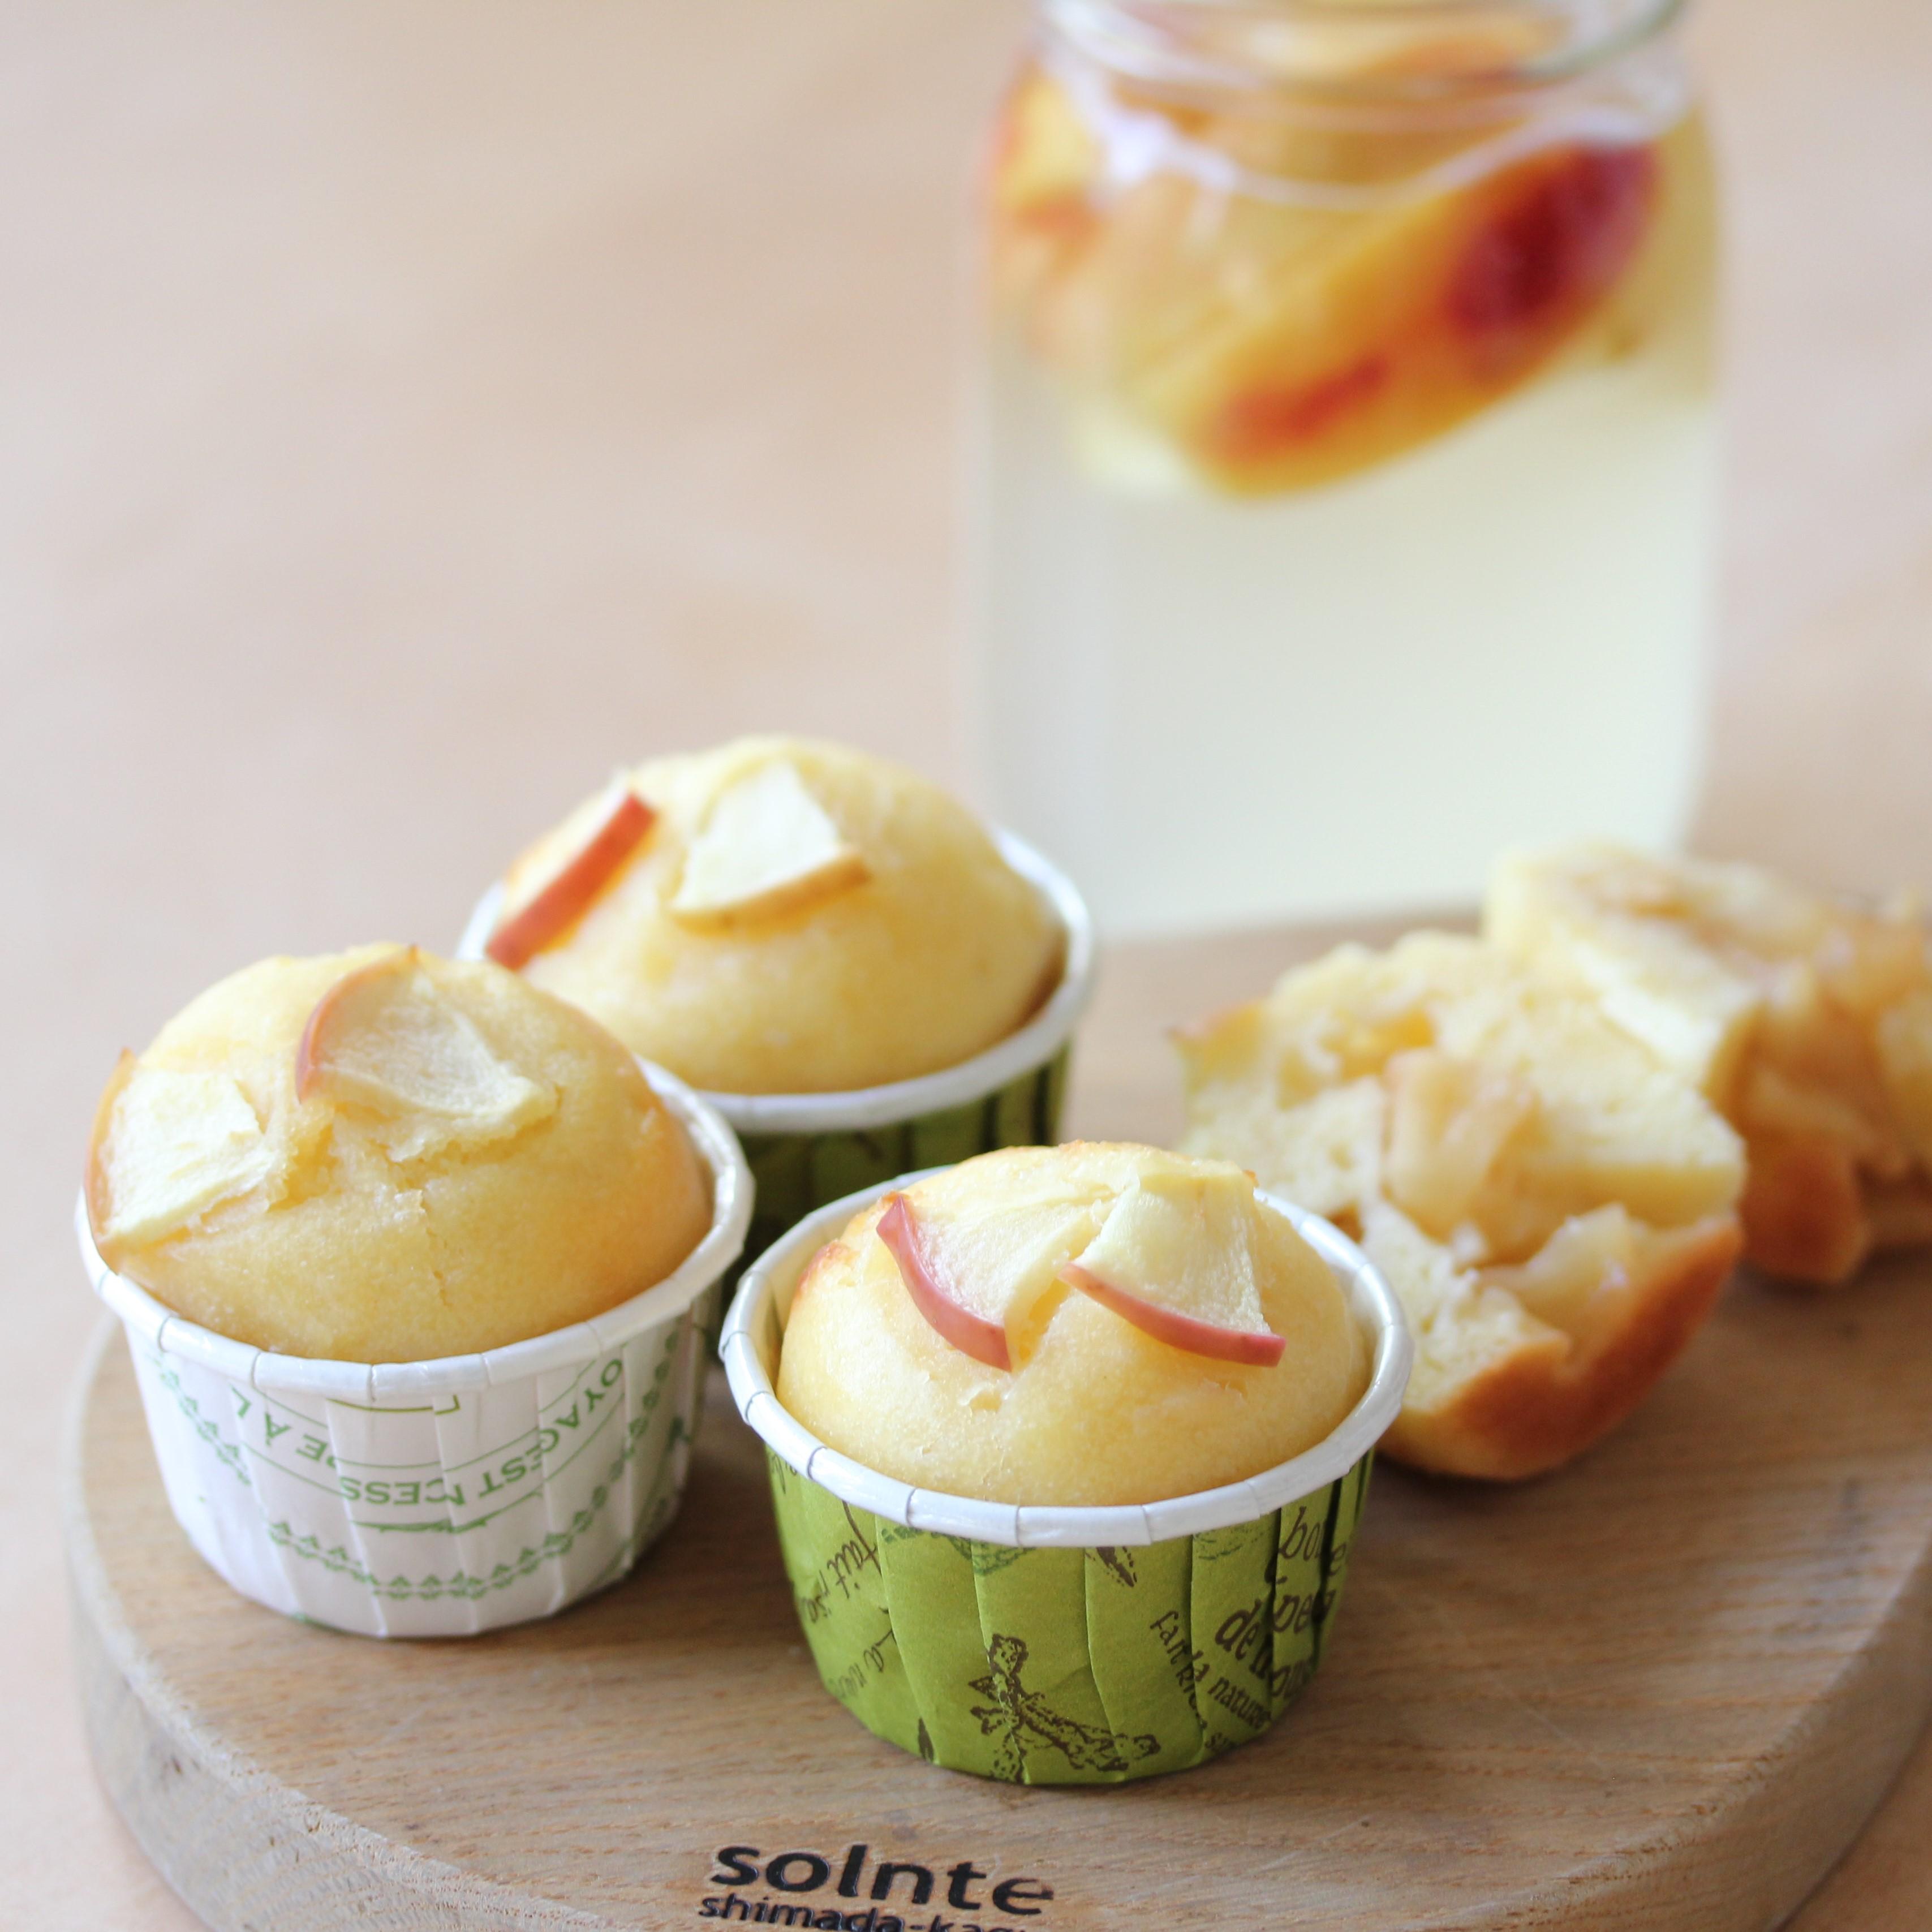 【ワークショップ】 自家製酵母を楽しもう りんご酵母で簡単マフィン作り <東京:麻布十番会場> ※申し込み期限 10月30日 23:59まで